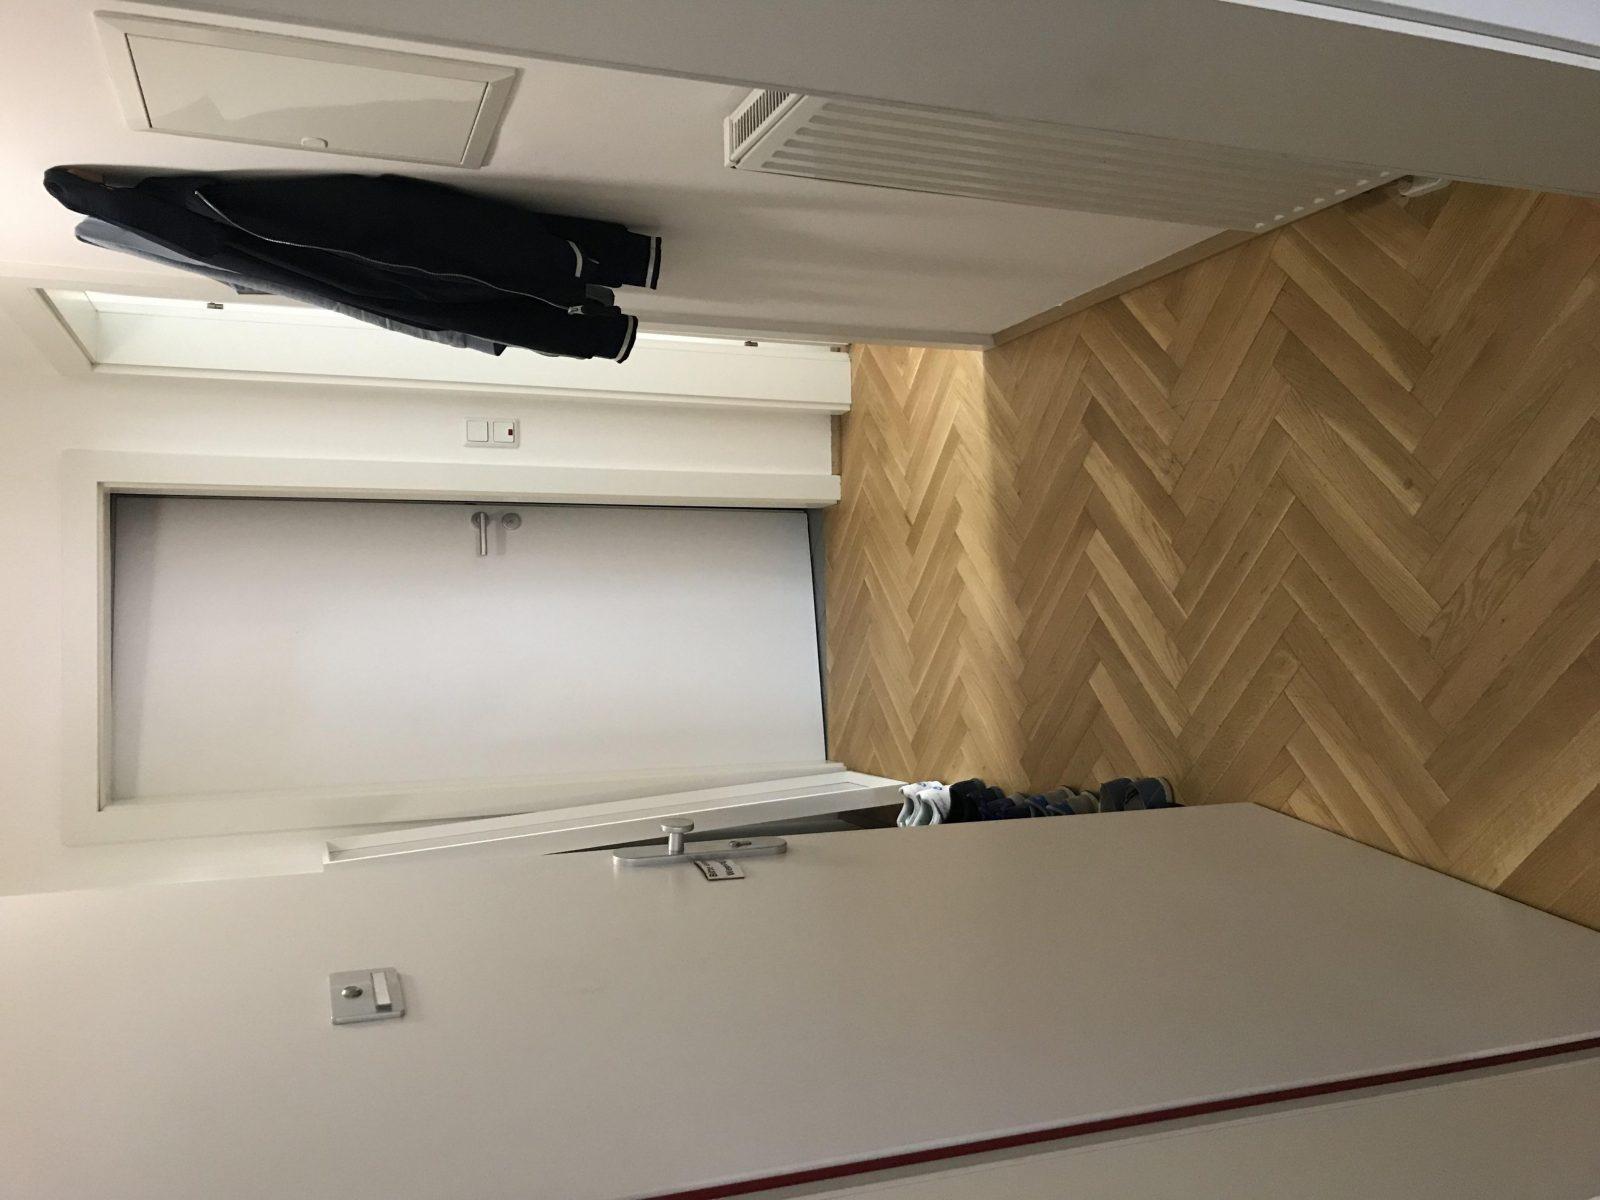 1 Zimmer Wohnung In Grünentorgasse  Nachmieter Gesucht Günstige 1 von Wohnung Mieten Ohne Provision Bild